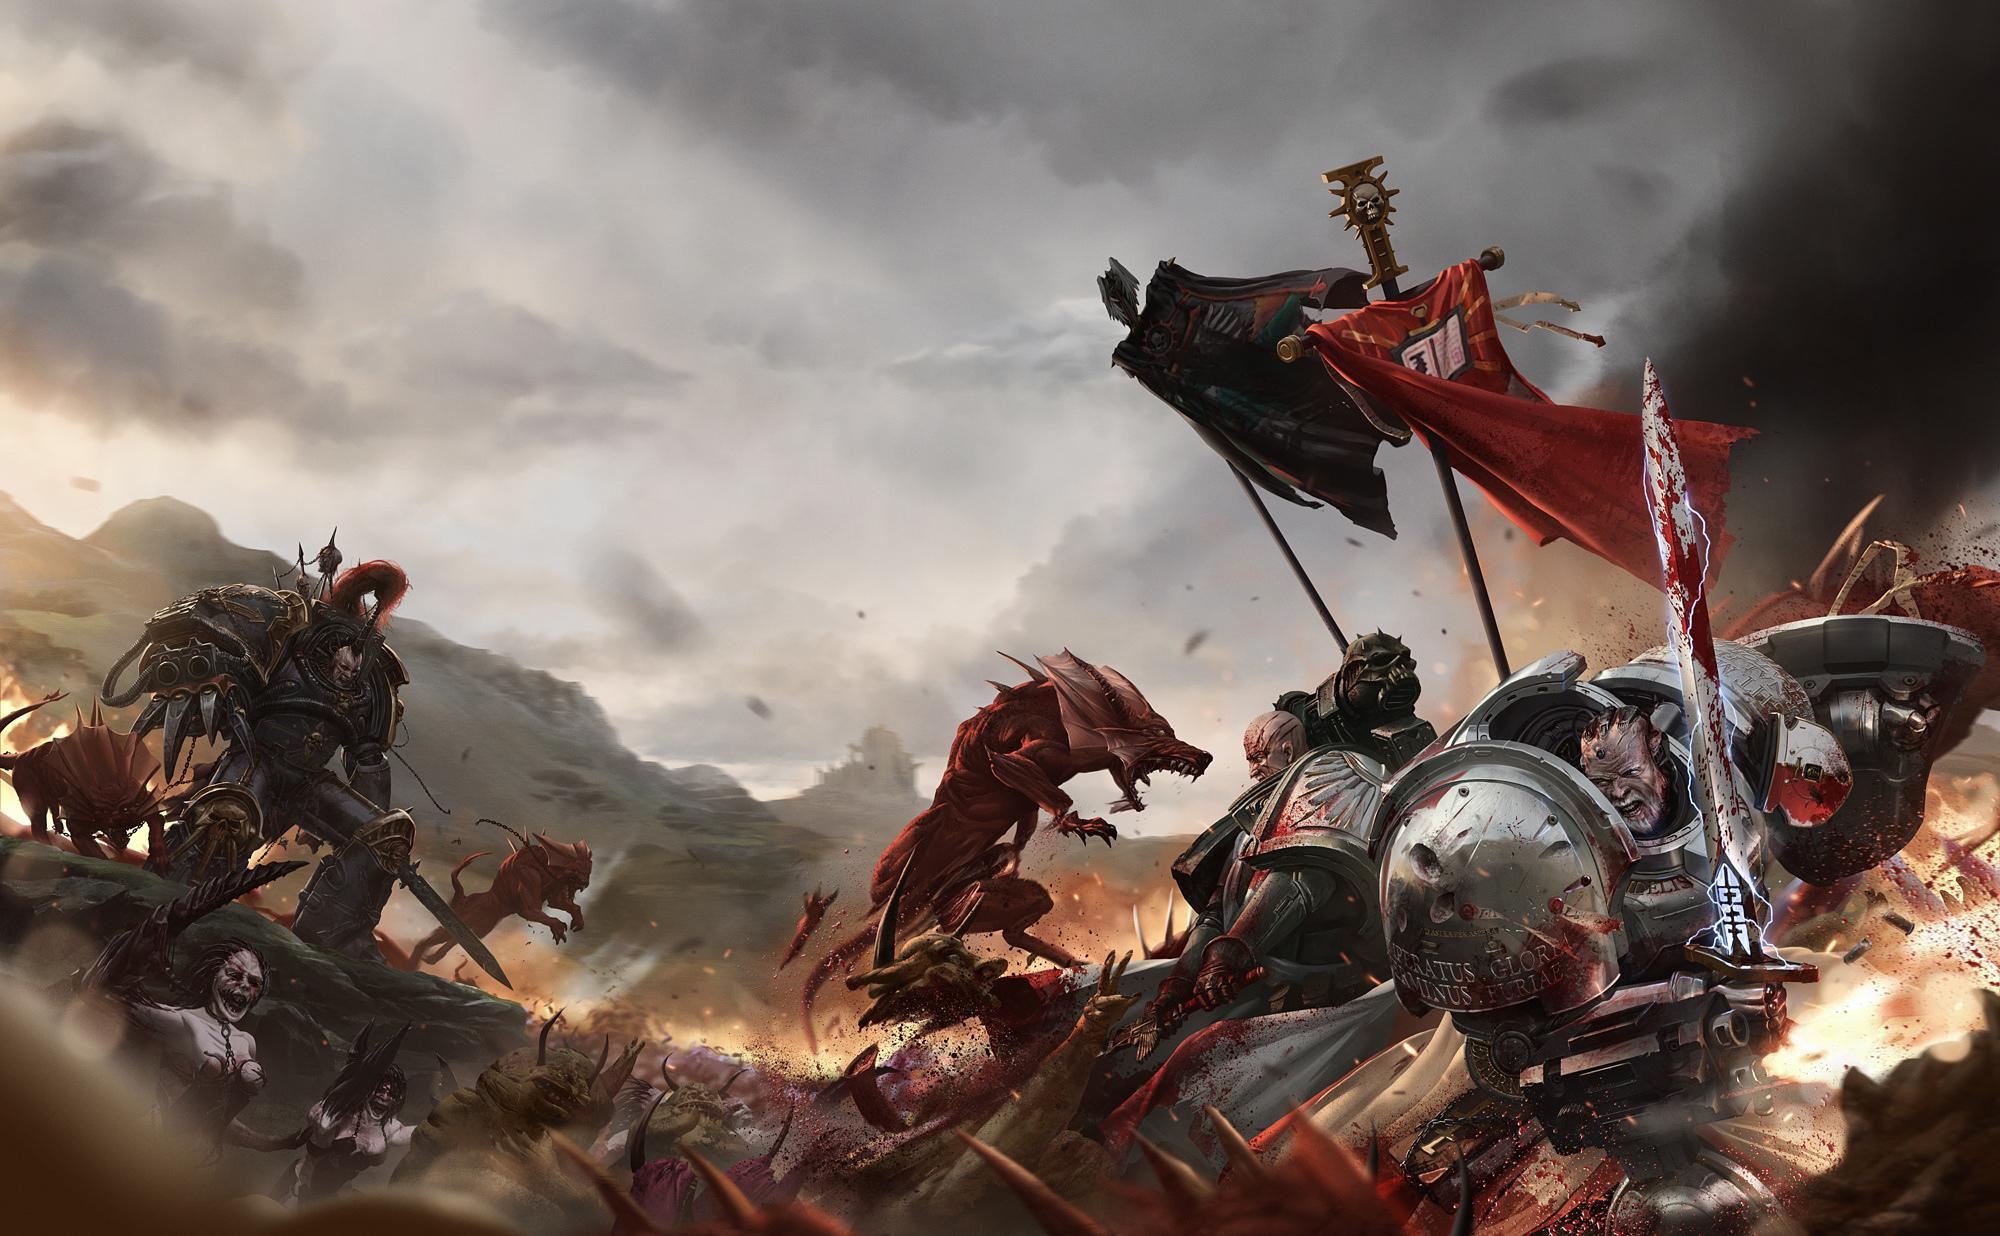 Knights Templar Wallpaper Iphone Warhammer 40 000 Fond D 233 Cran Hd Arri 232 Re Plan